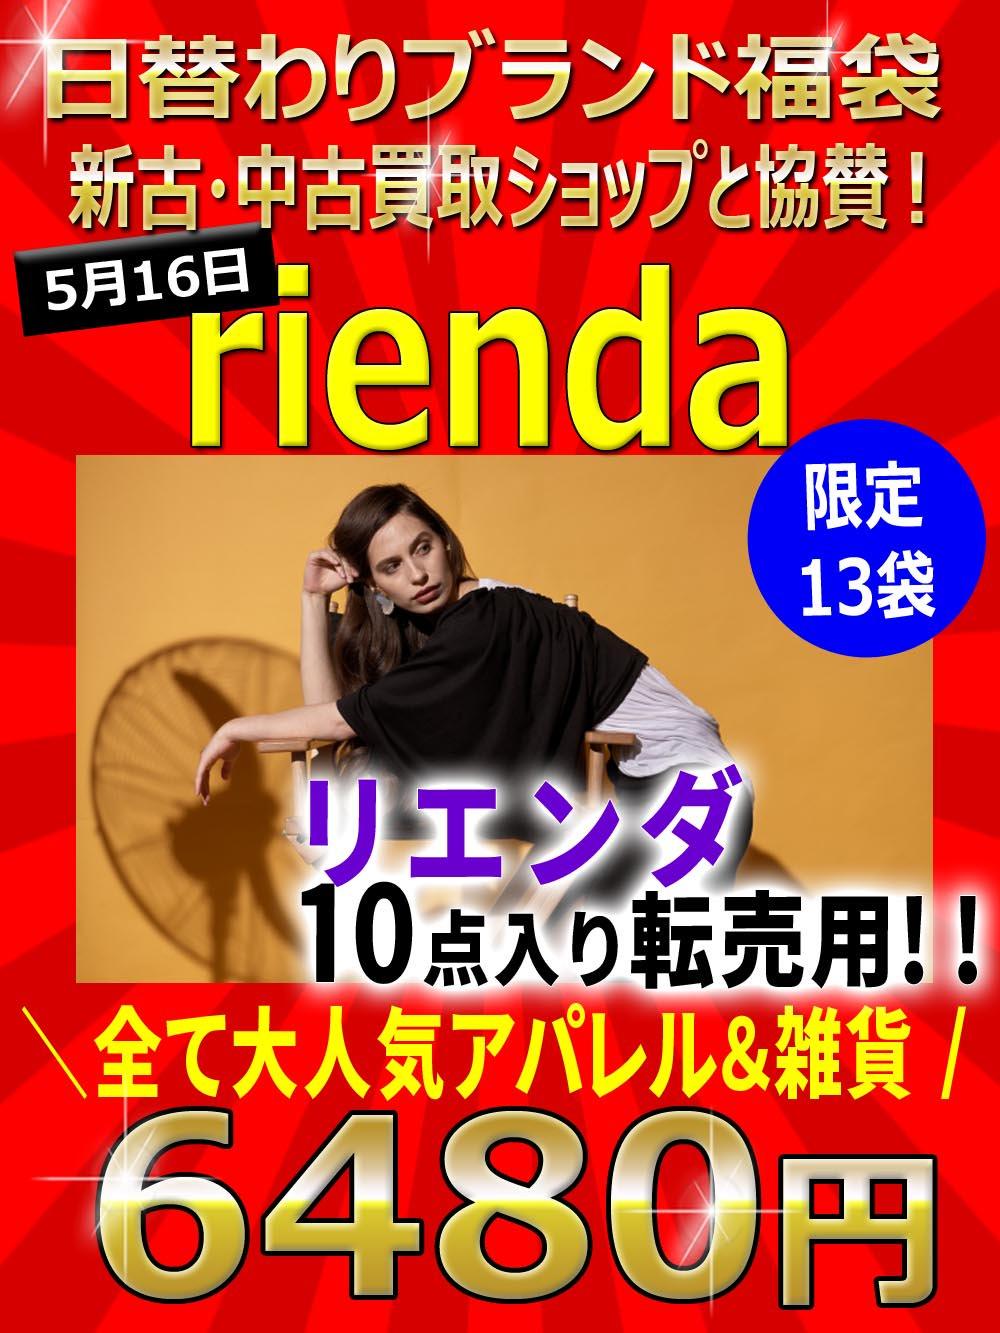 """限定20袋!日替わりブランド福袋!新古・中古ショップ協賛 """"rienda(リエンダ)""""【10点】4980円"""